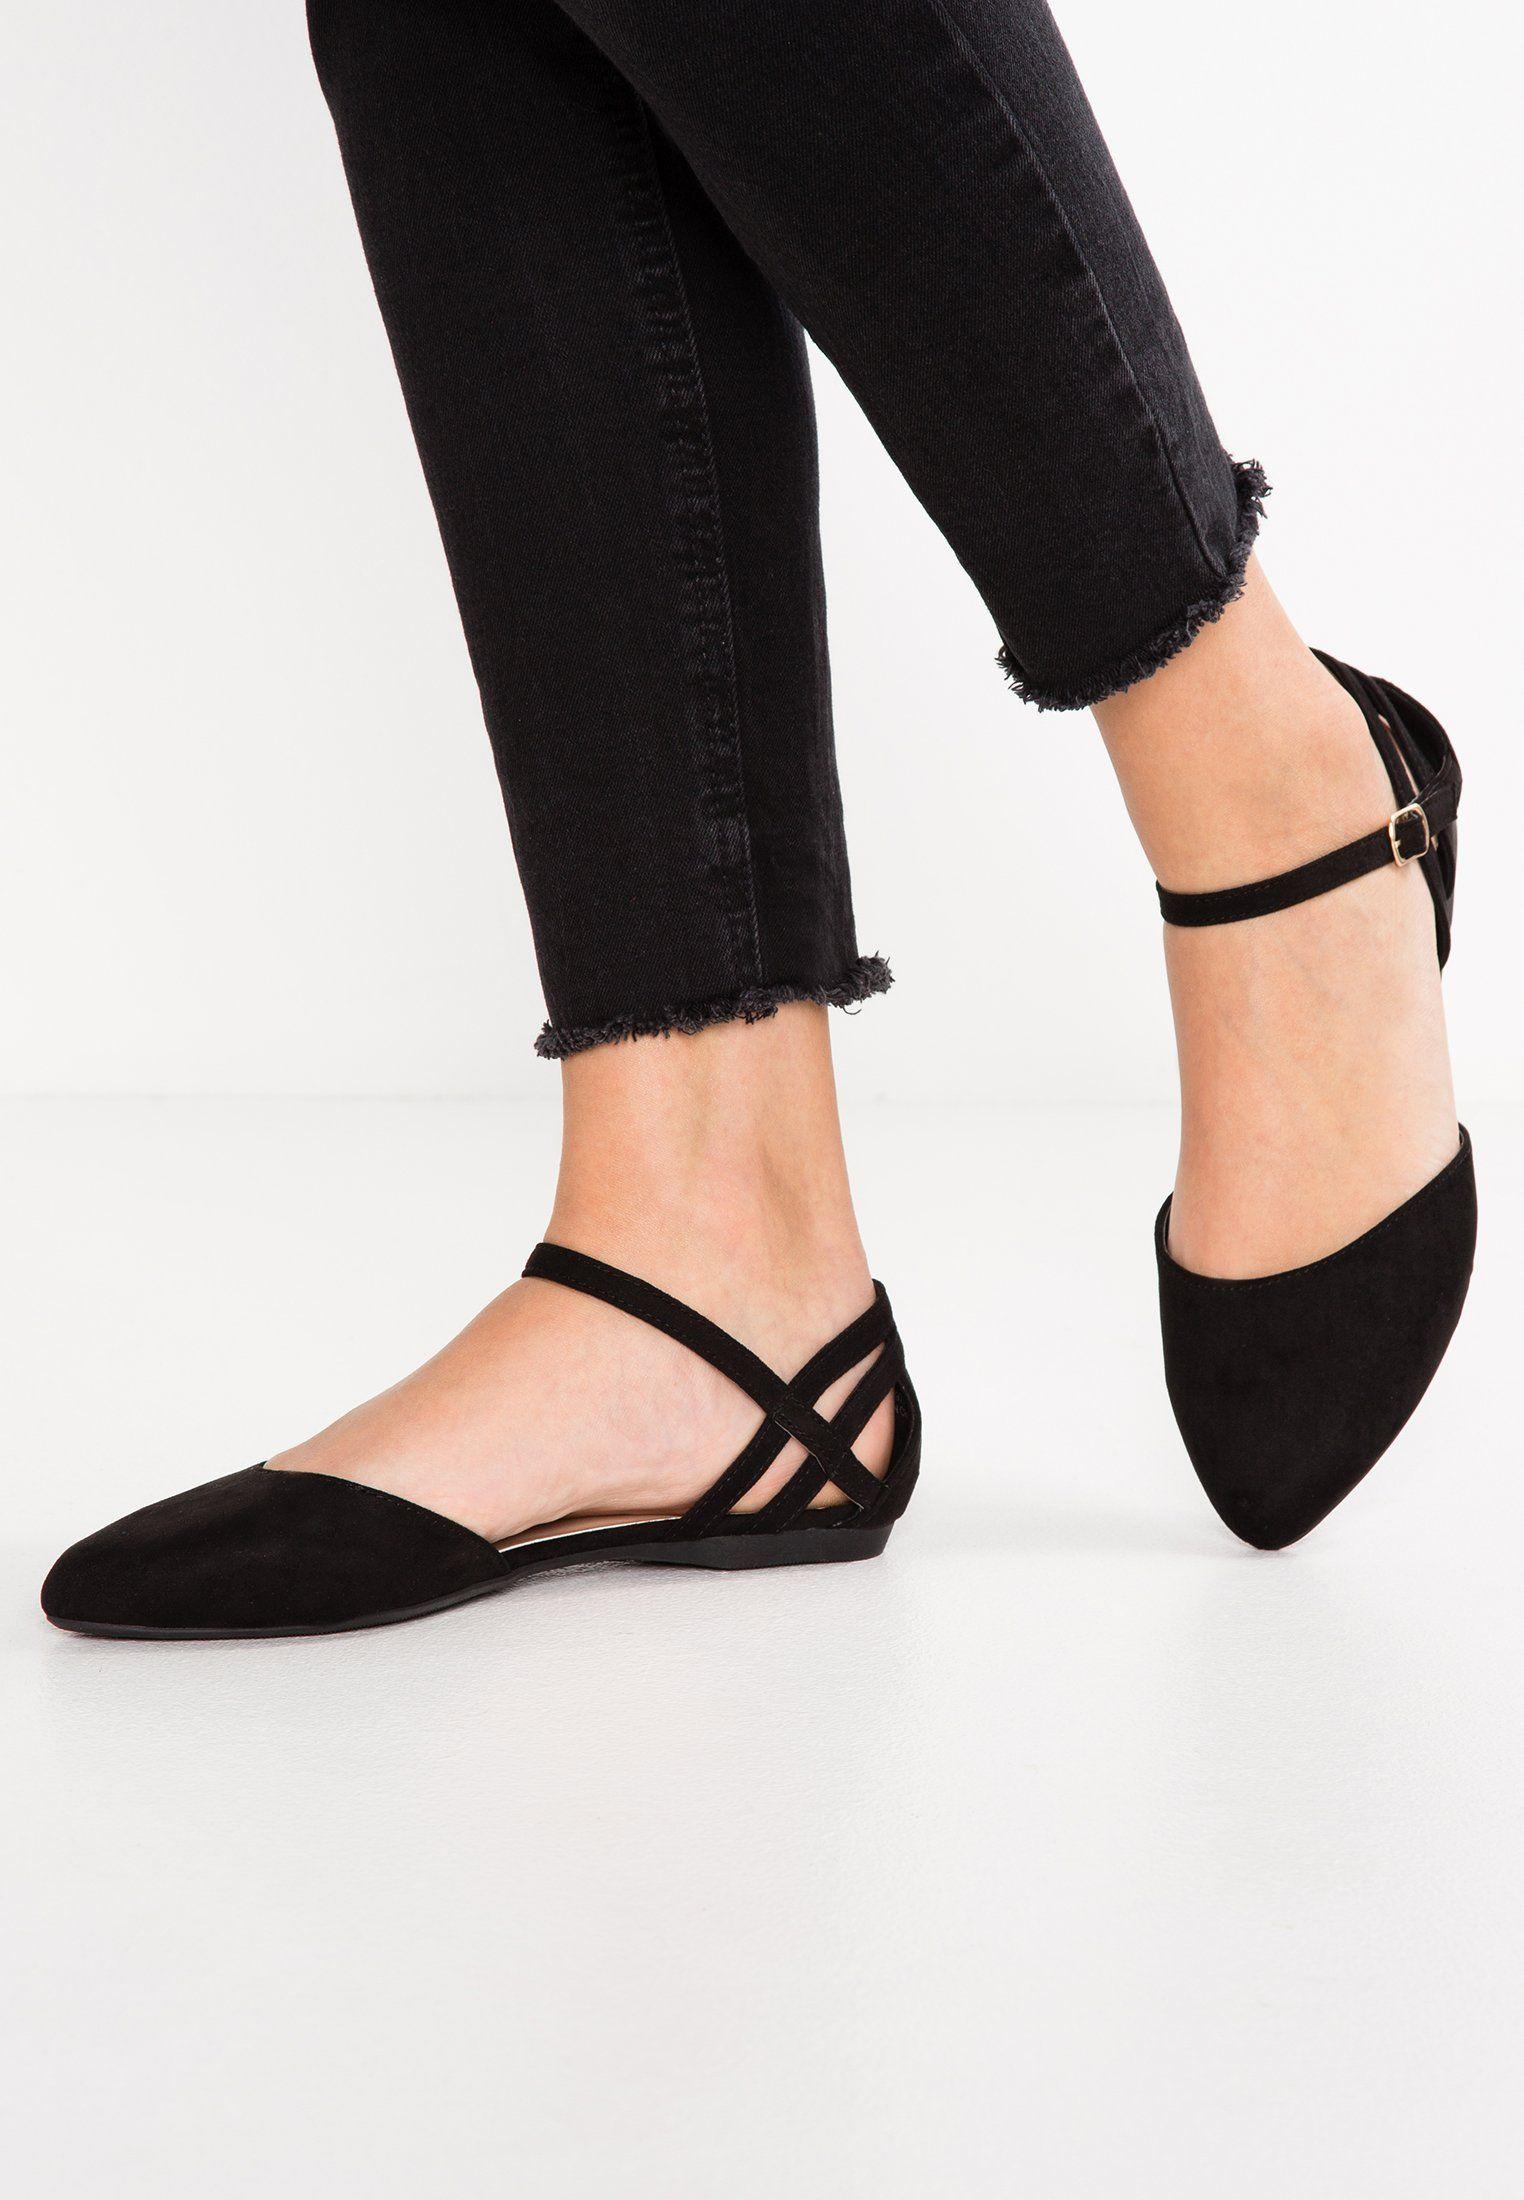 New Look Wide Fit Wide Fit Katch Baleriny Black Za 109 Zl 01 03 18 Zamow Bezplatnie Na Zalando Pl Black Shoes Fitness